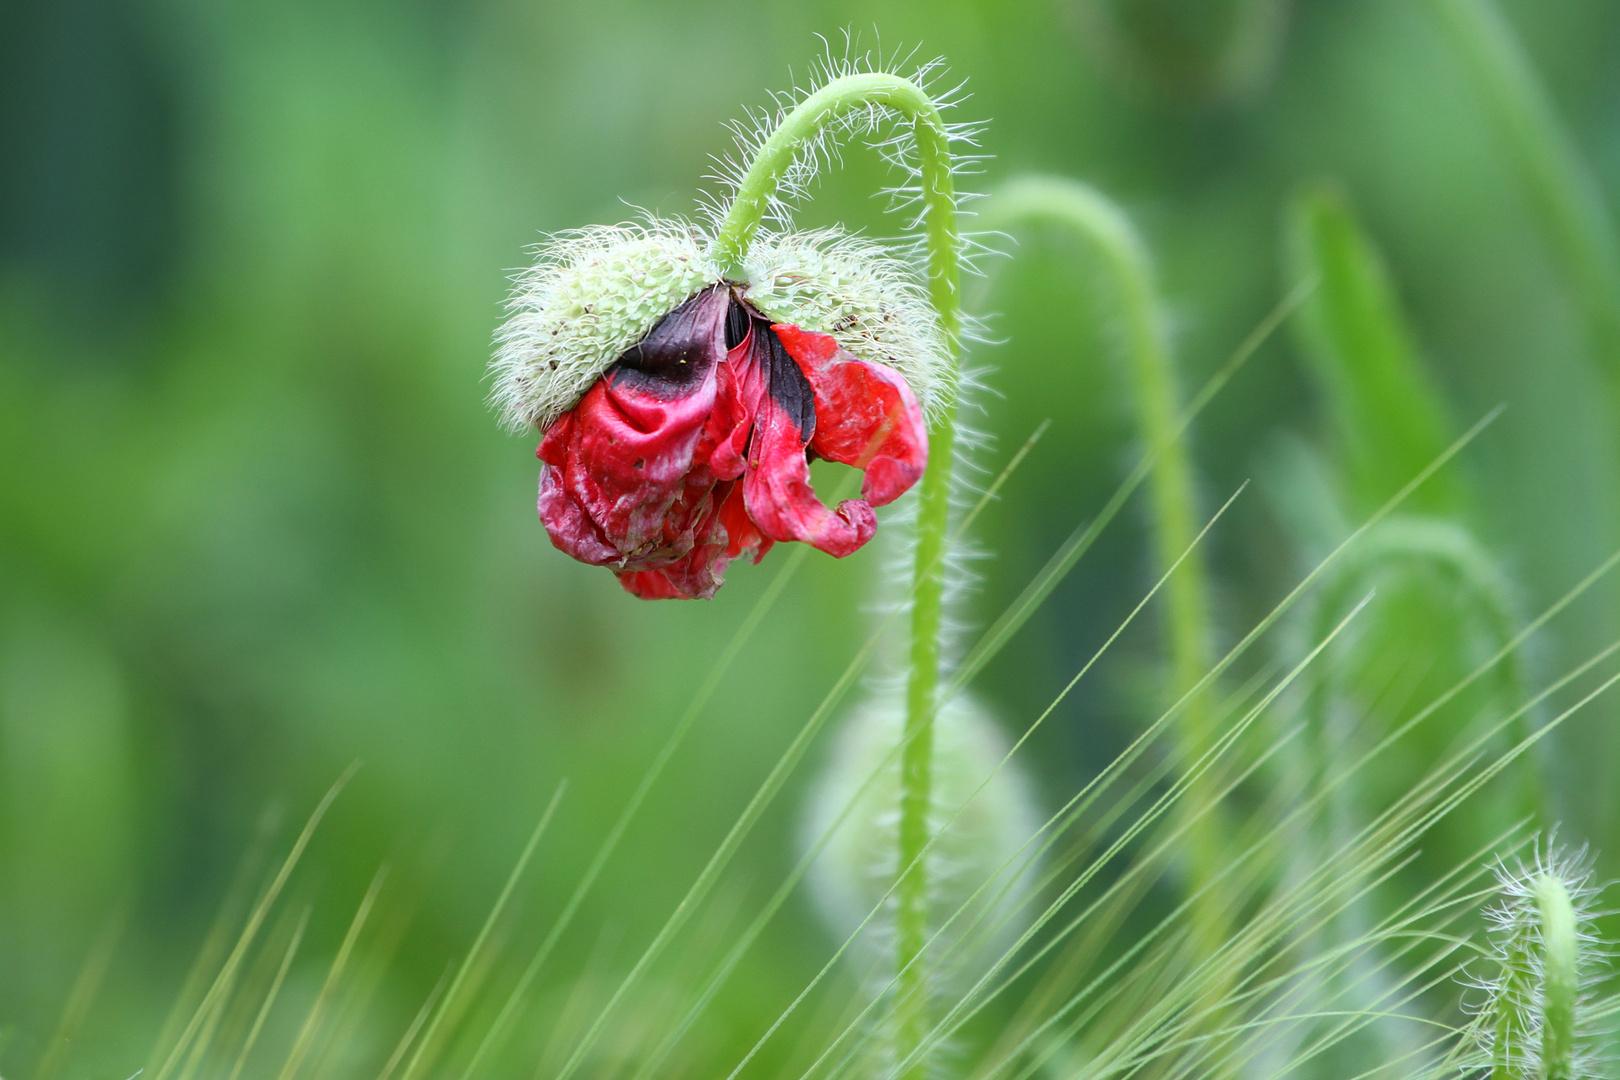 Mohnblume, ein bisschen welk aber trotzdem noch schön